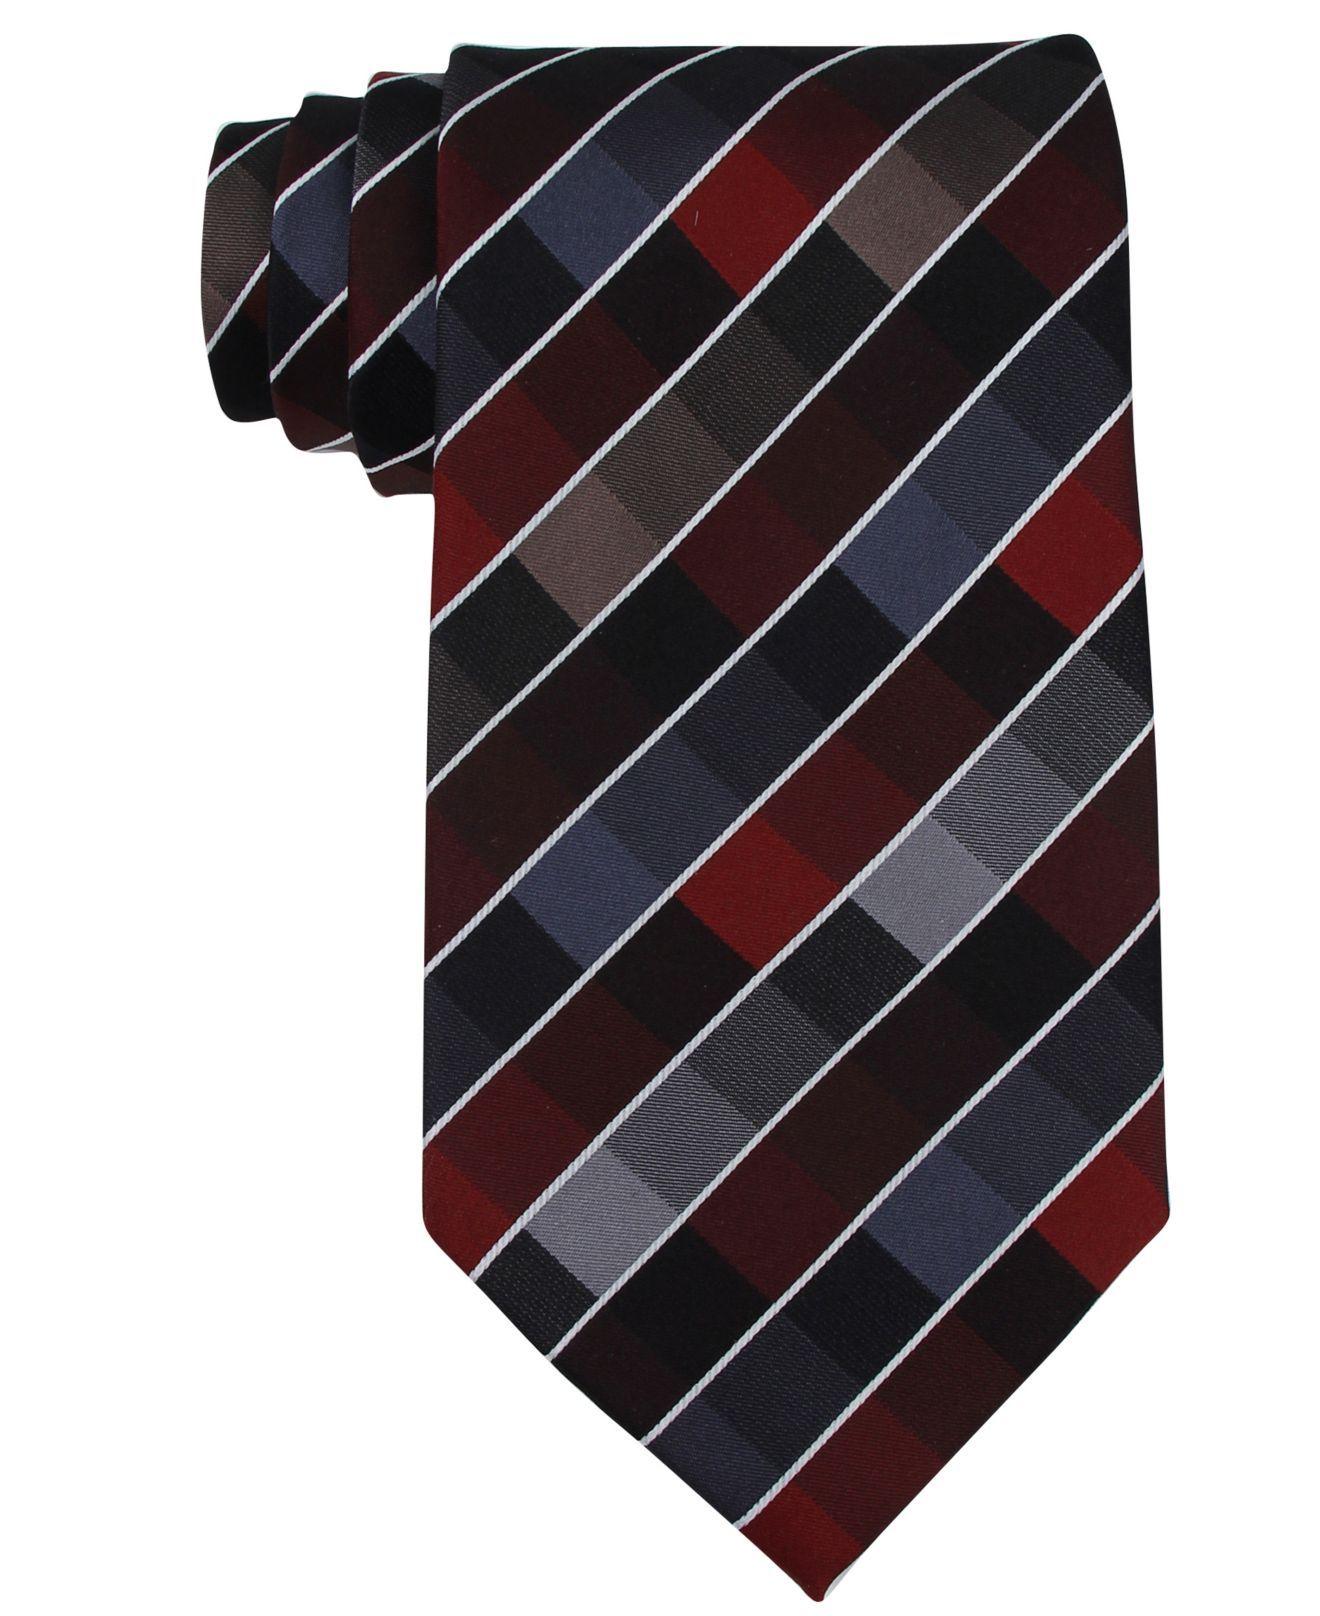 fbb958988366 Kenneth Cole Reaction Tie, Rafalla Tie - Mens Ties - Macy's ...